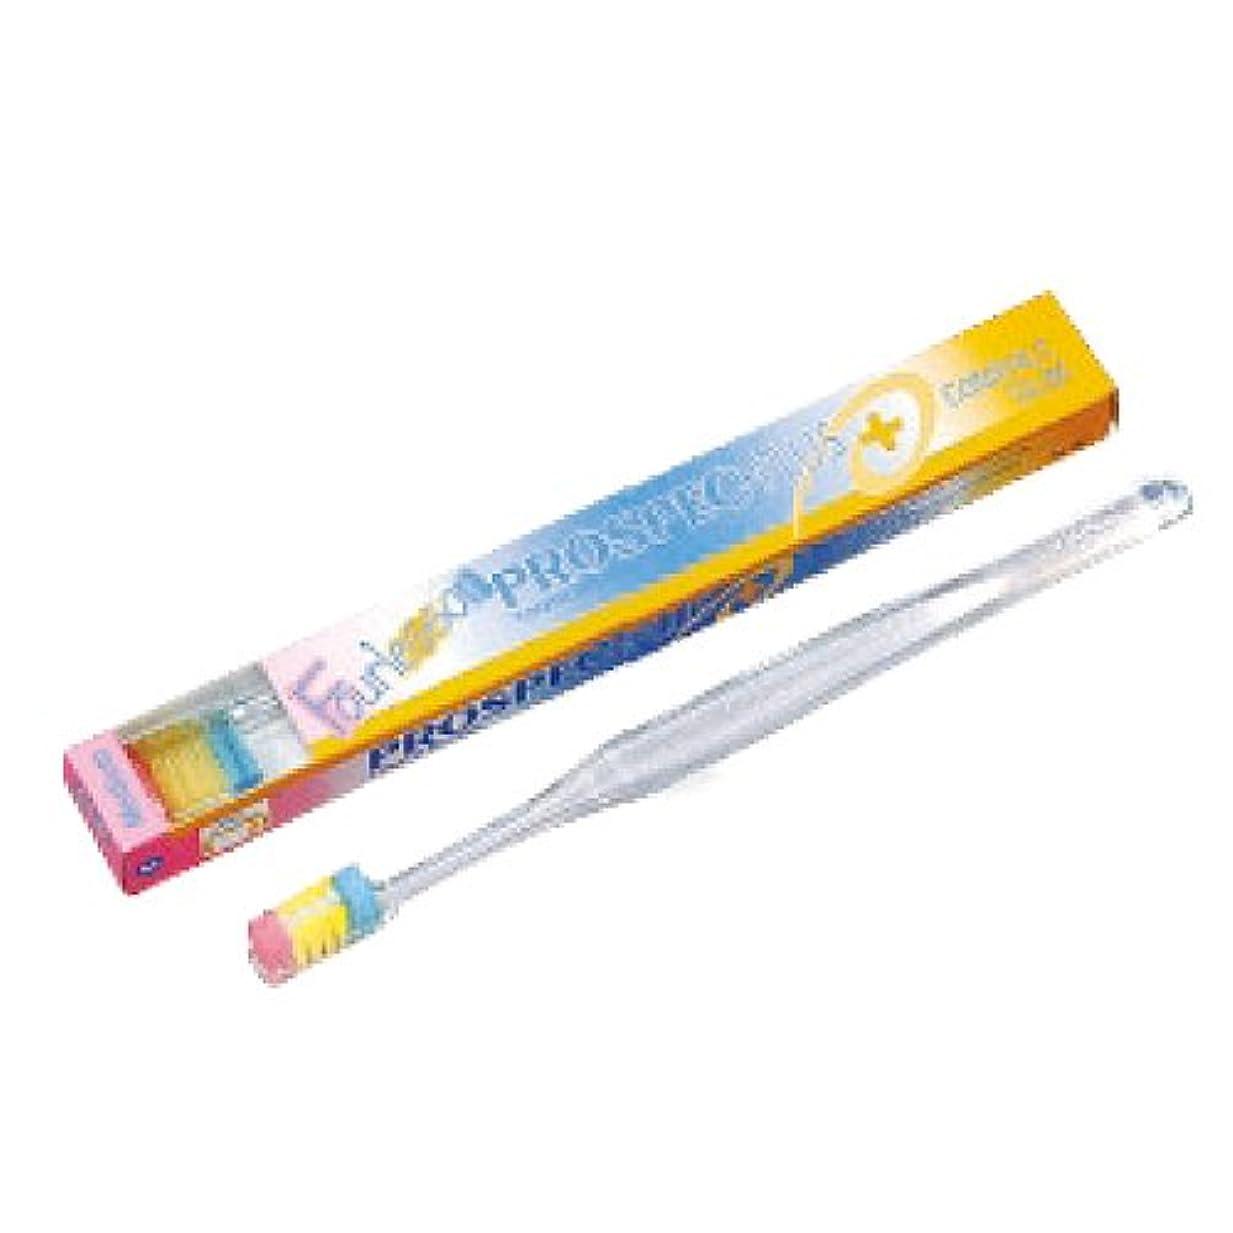 踏みつけ優れました納屋プロスペック 歯ブラシ コンパクトスリム 1本 フォーレッスン 毛の硬さ ふつう